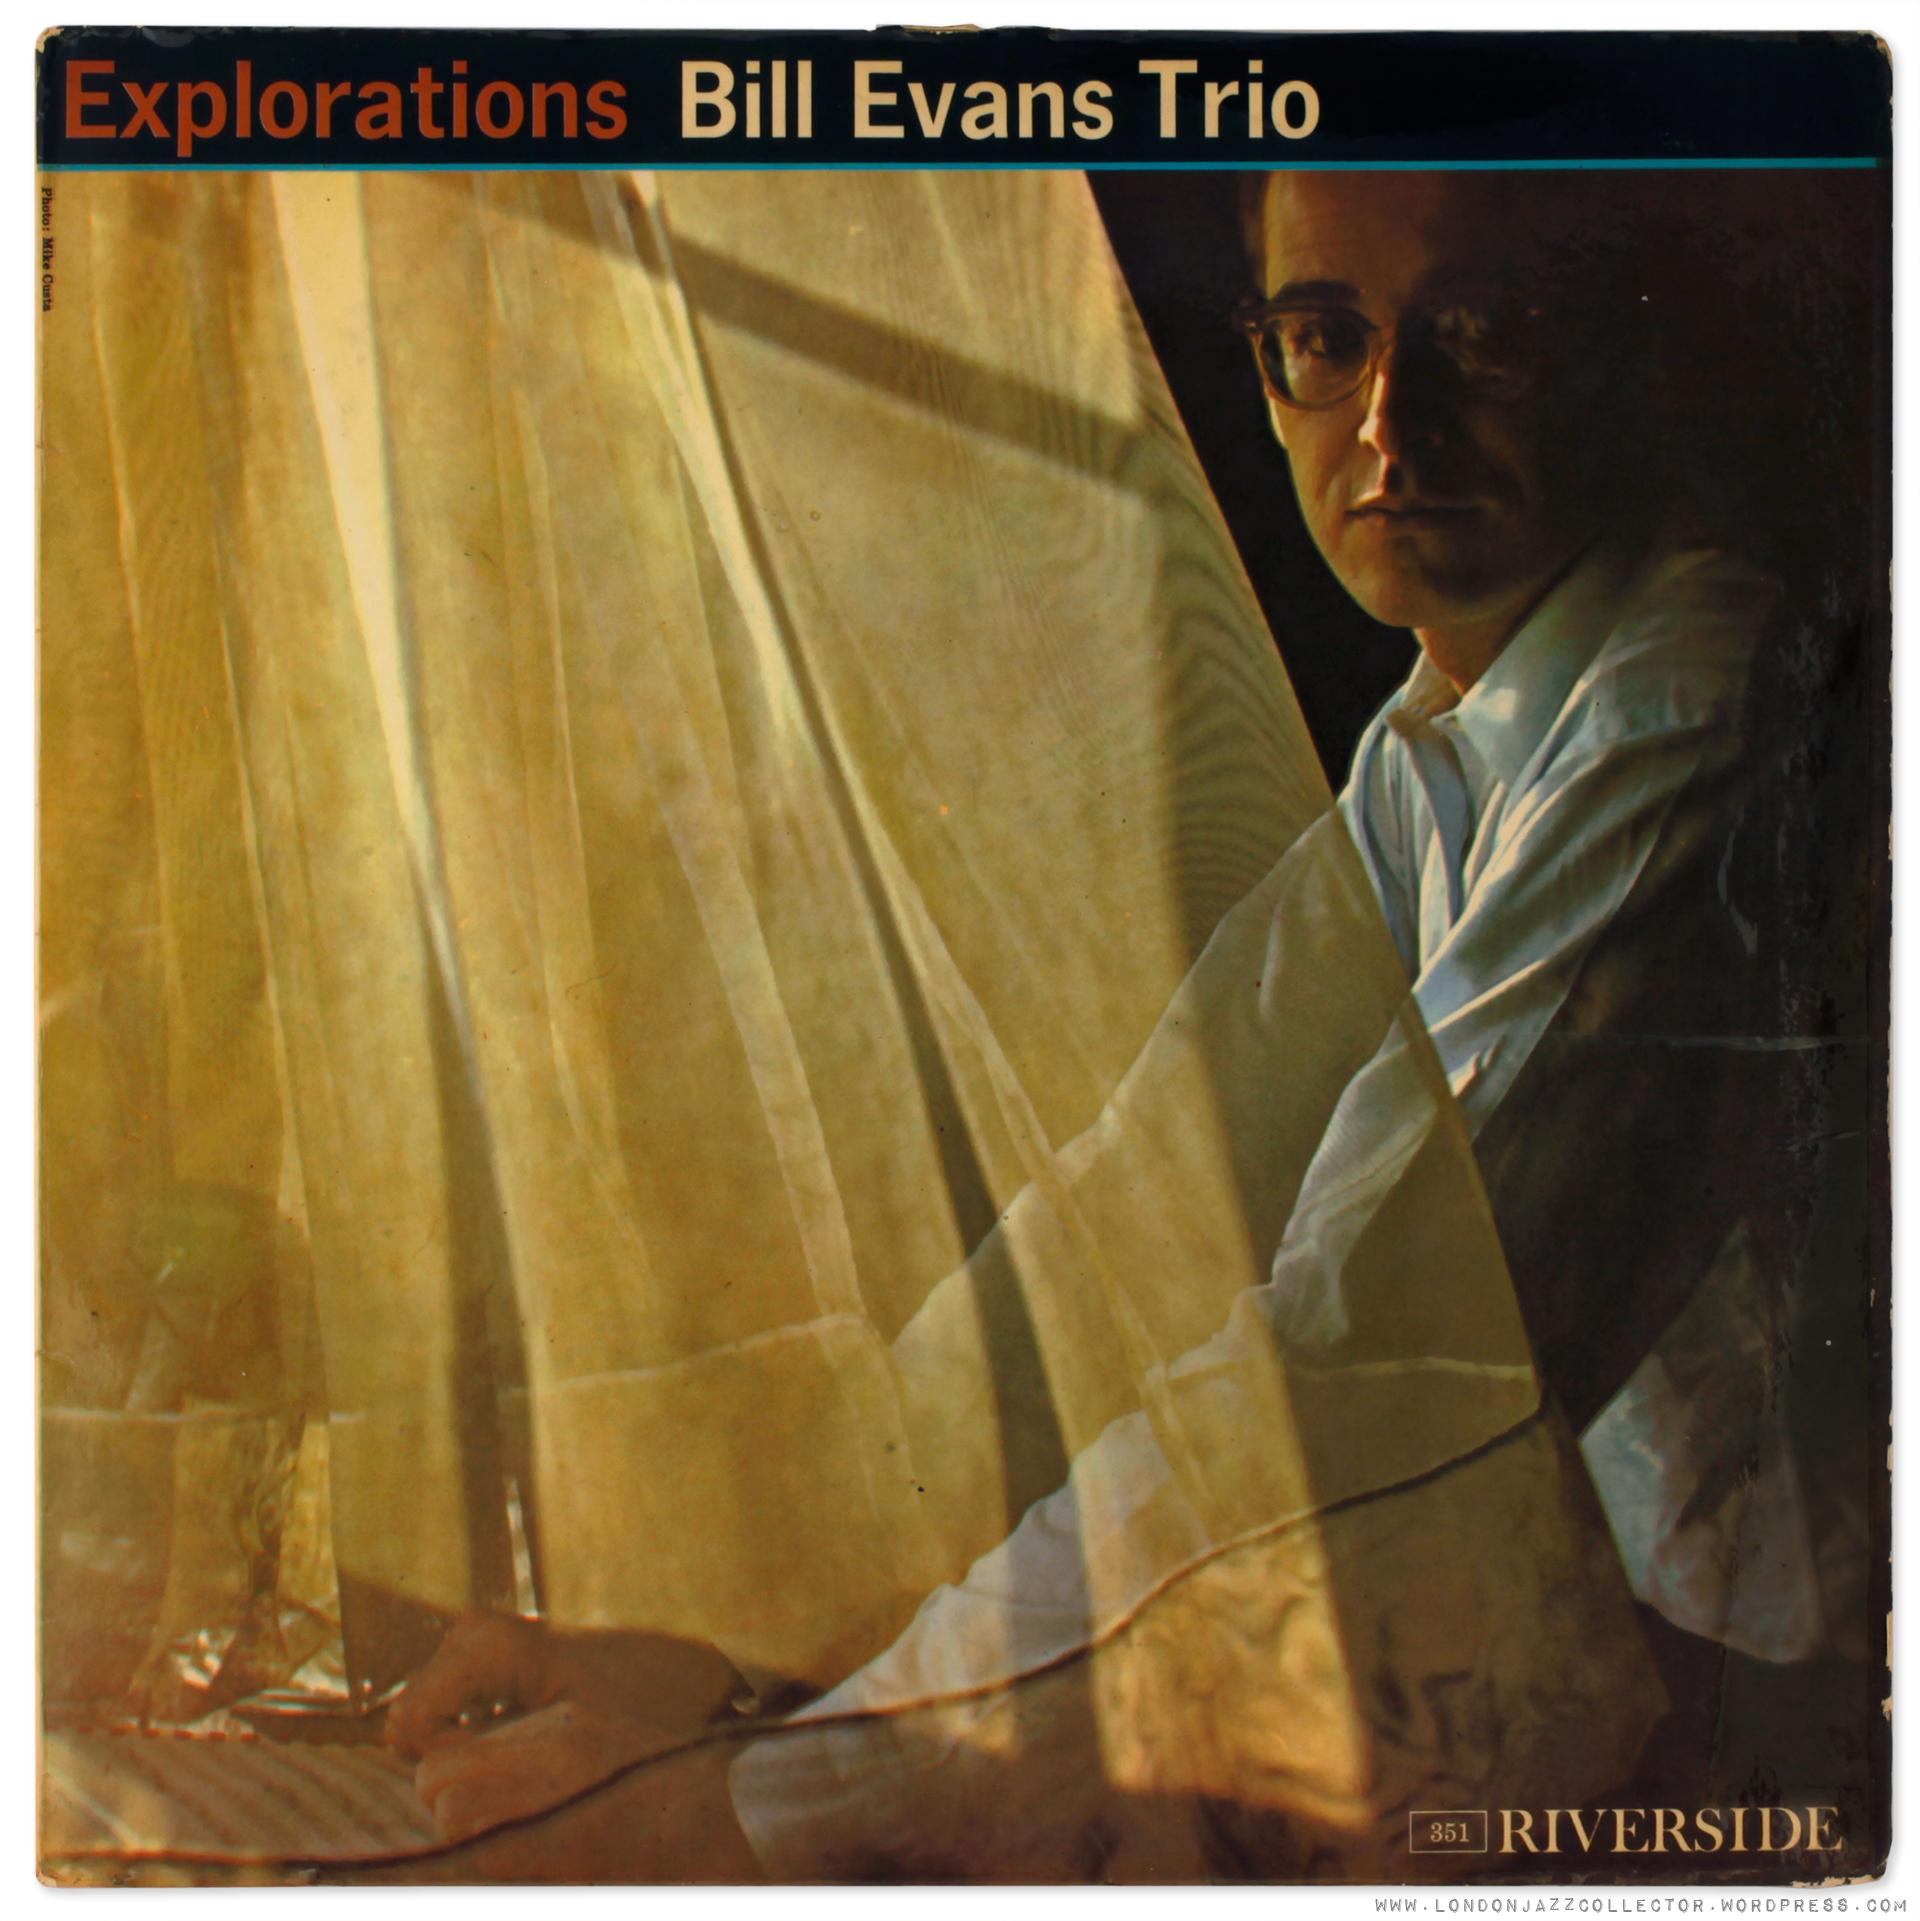 bill-evans-explorations-cover-1920px-ljc.jpg